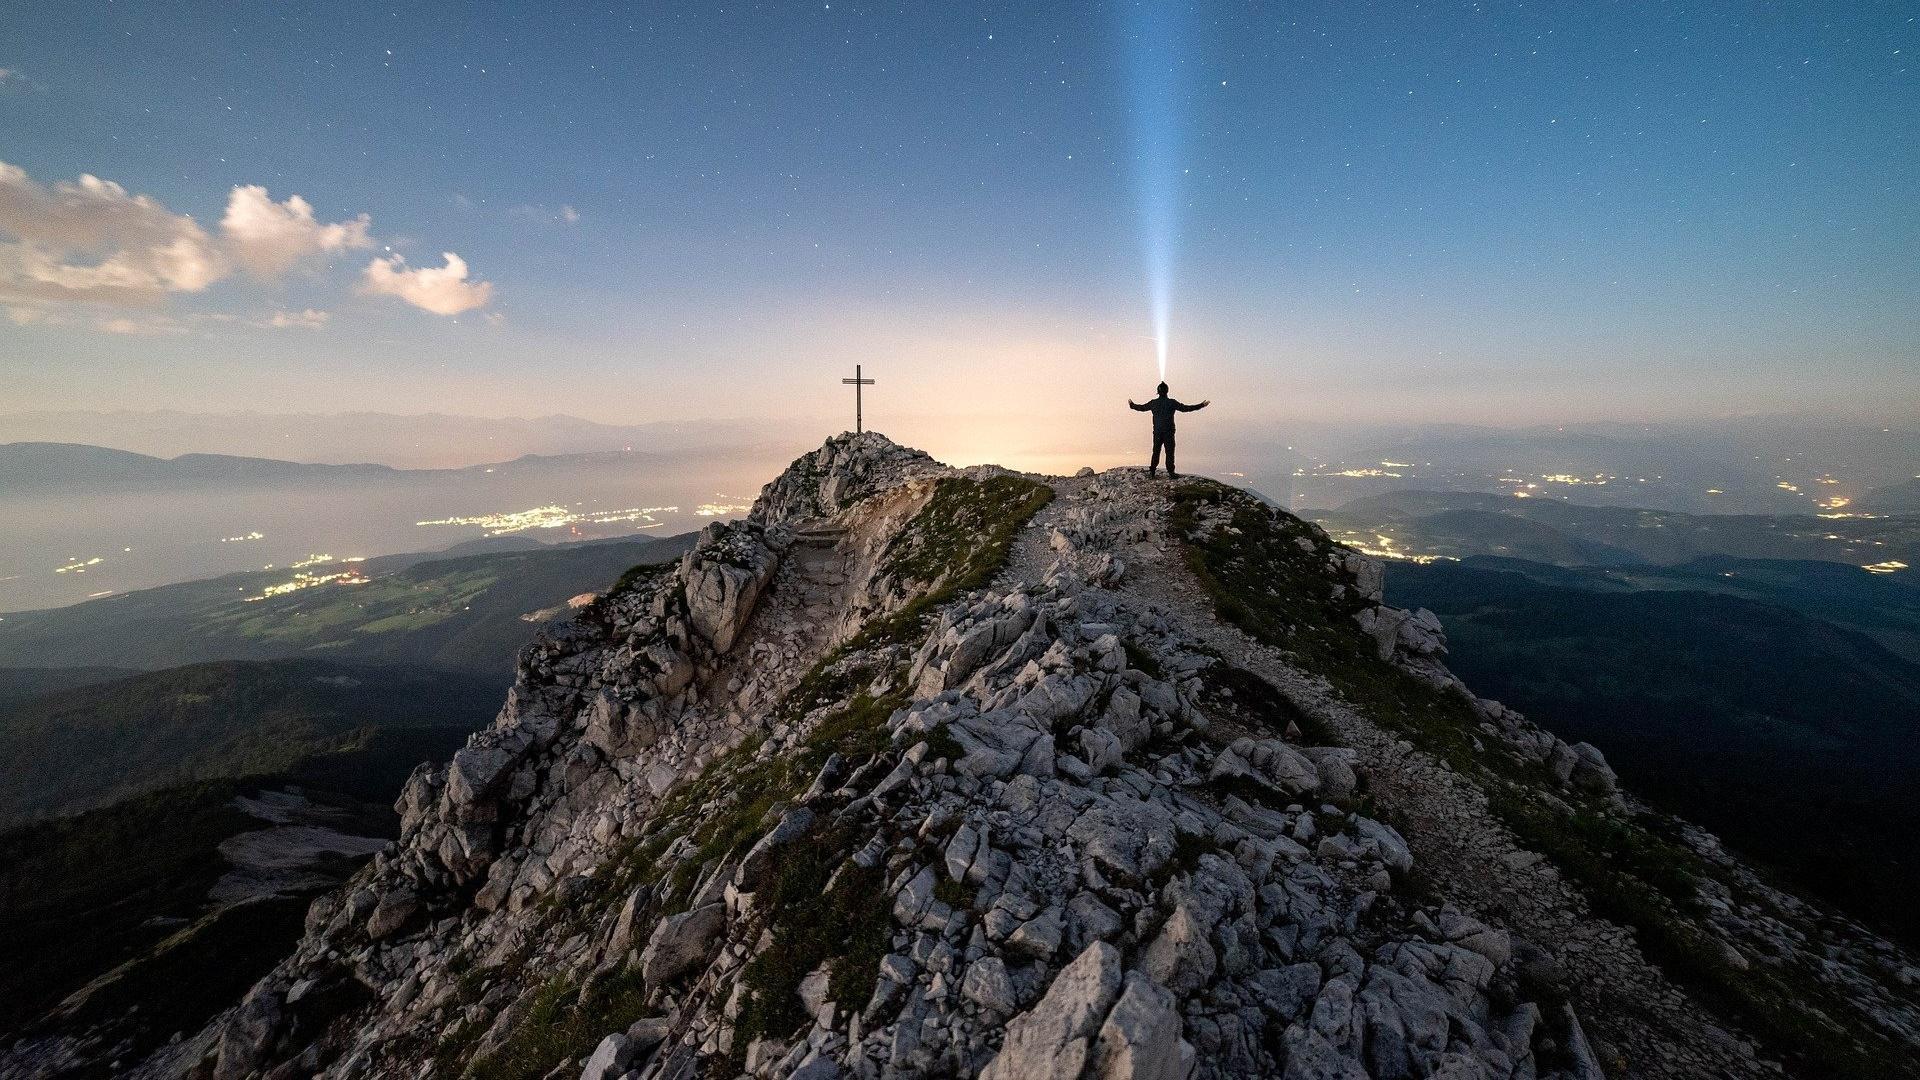 Glaube kann Berge versetzen: Bedeutung und Herkunft der Redewendung